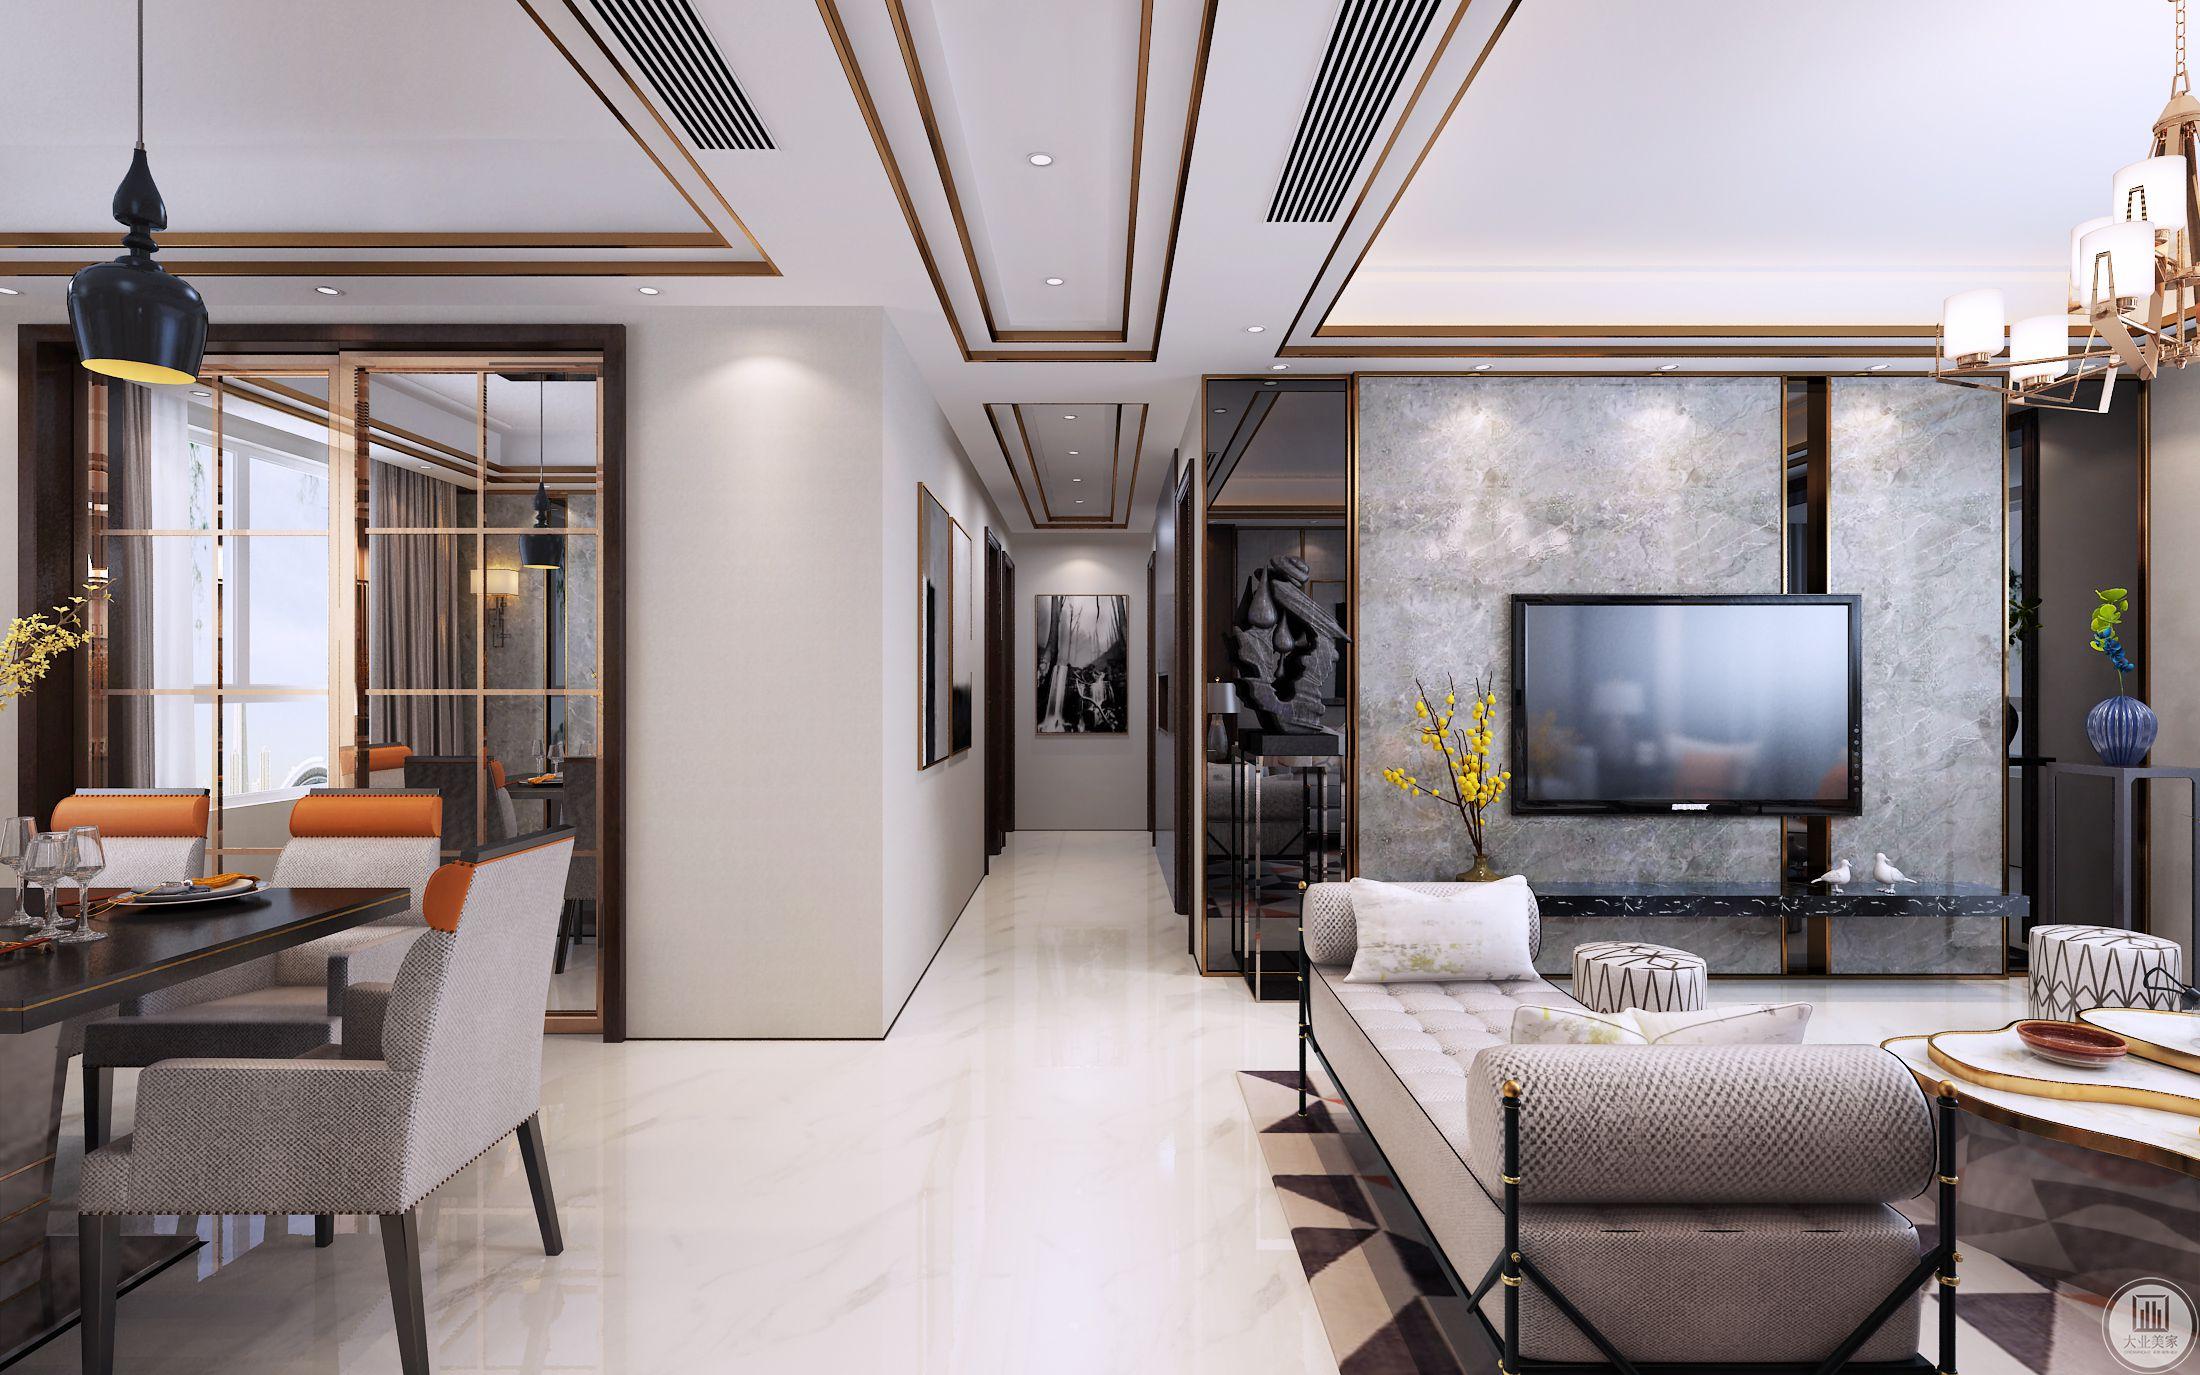 客厅 不仅注重居室的实用性,而且还体现出了工业化社会生活的精致与个性